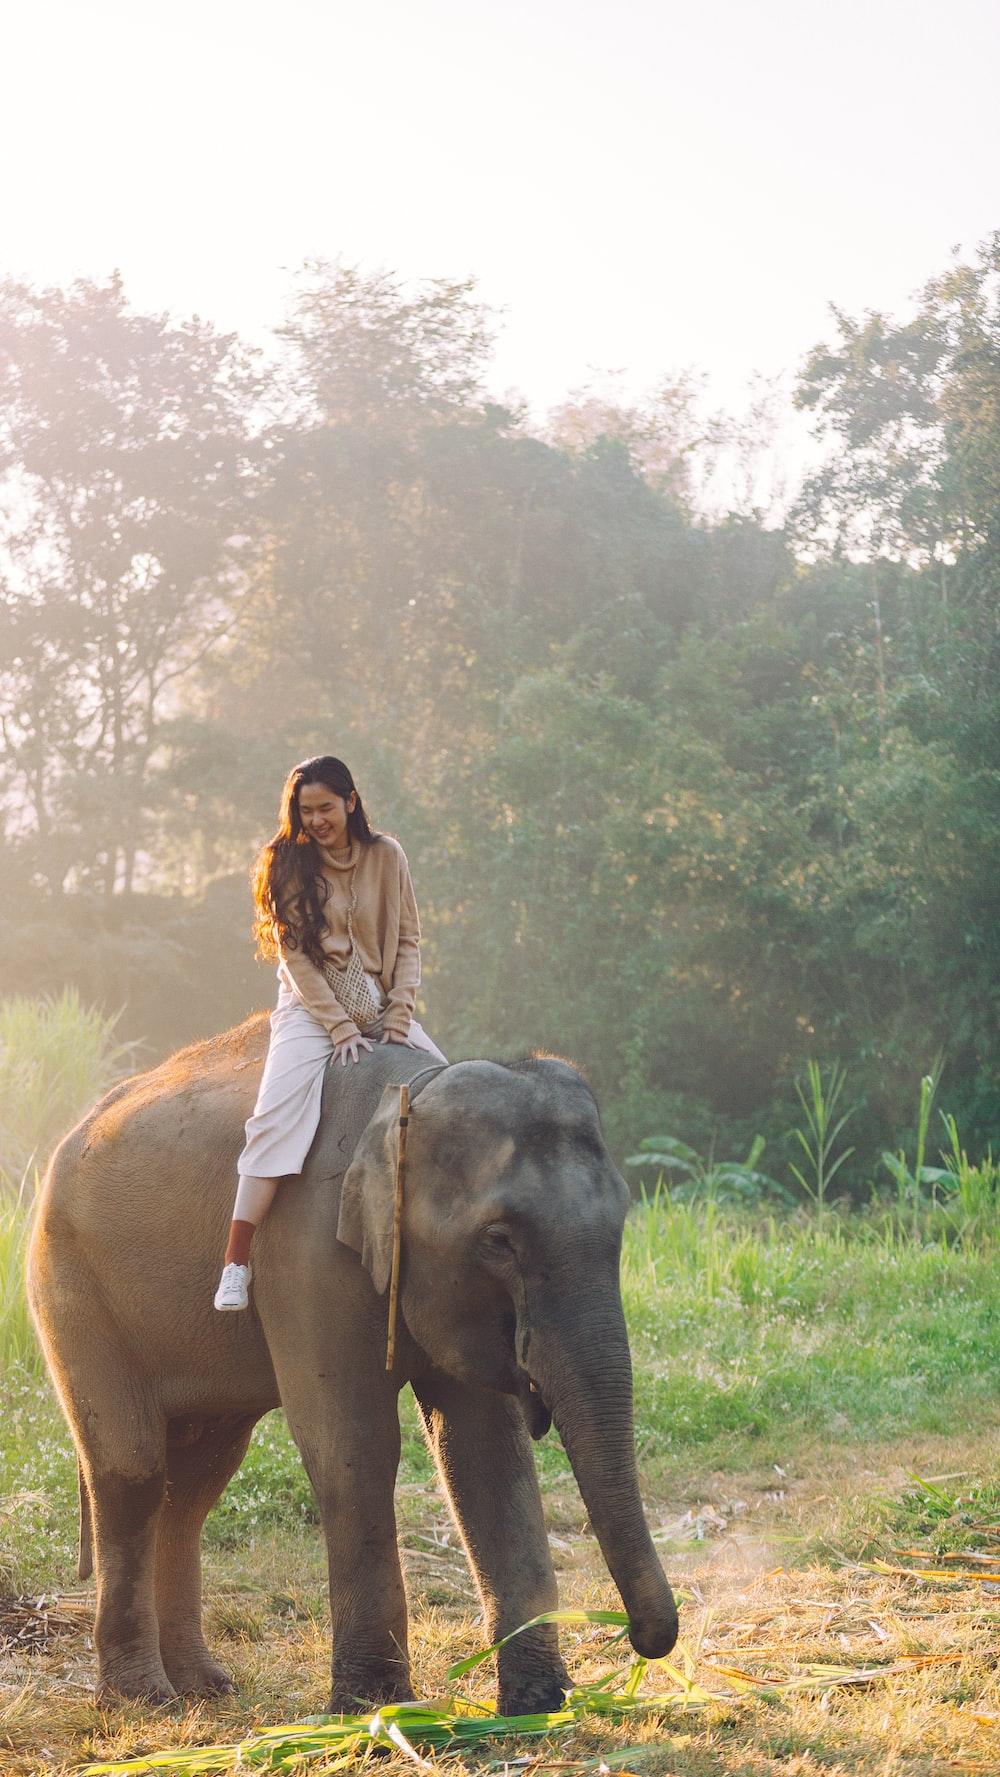 昼間に黒象に乗る女性